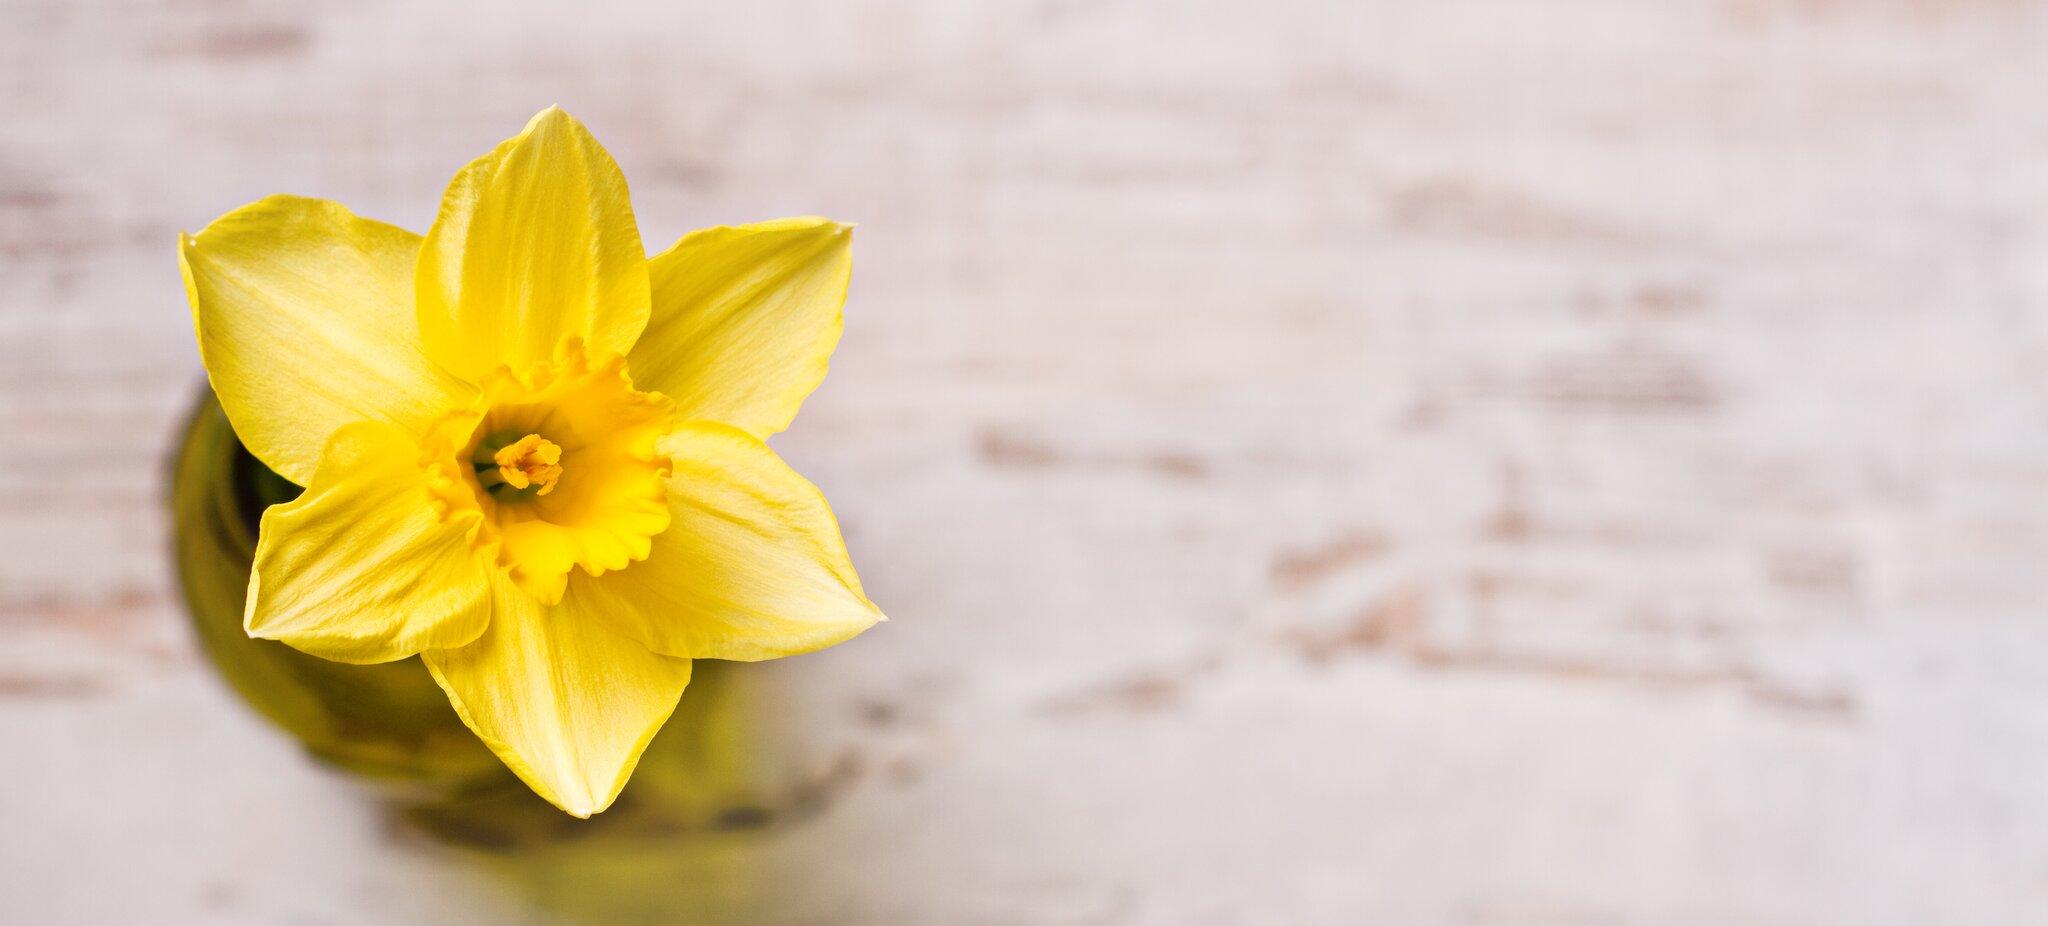 Kwiat Źródło: Joanna Jakubowicz, Kwiat, licencja: CC BY-SA 2.0.